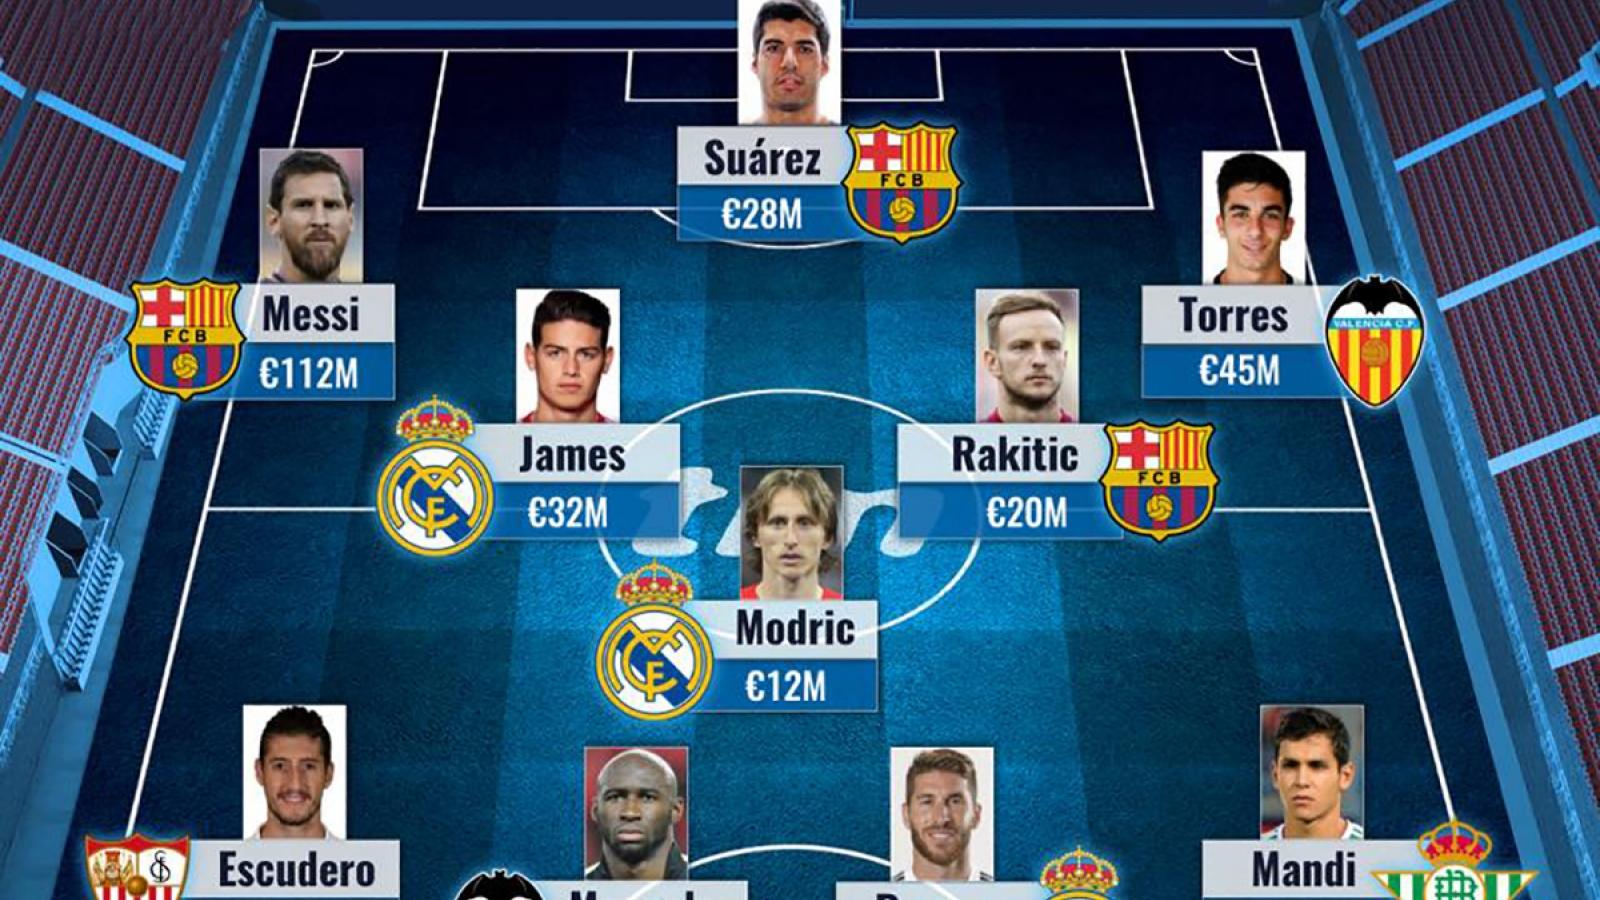 Đội hình miễn phí cực chất ở mùa hè 2021: Modric tiếp đạn cho Messi